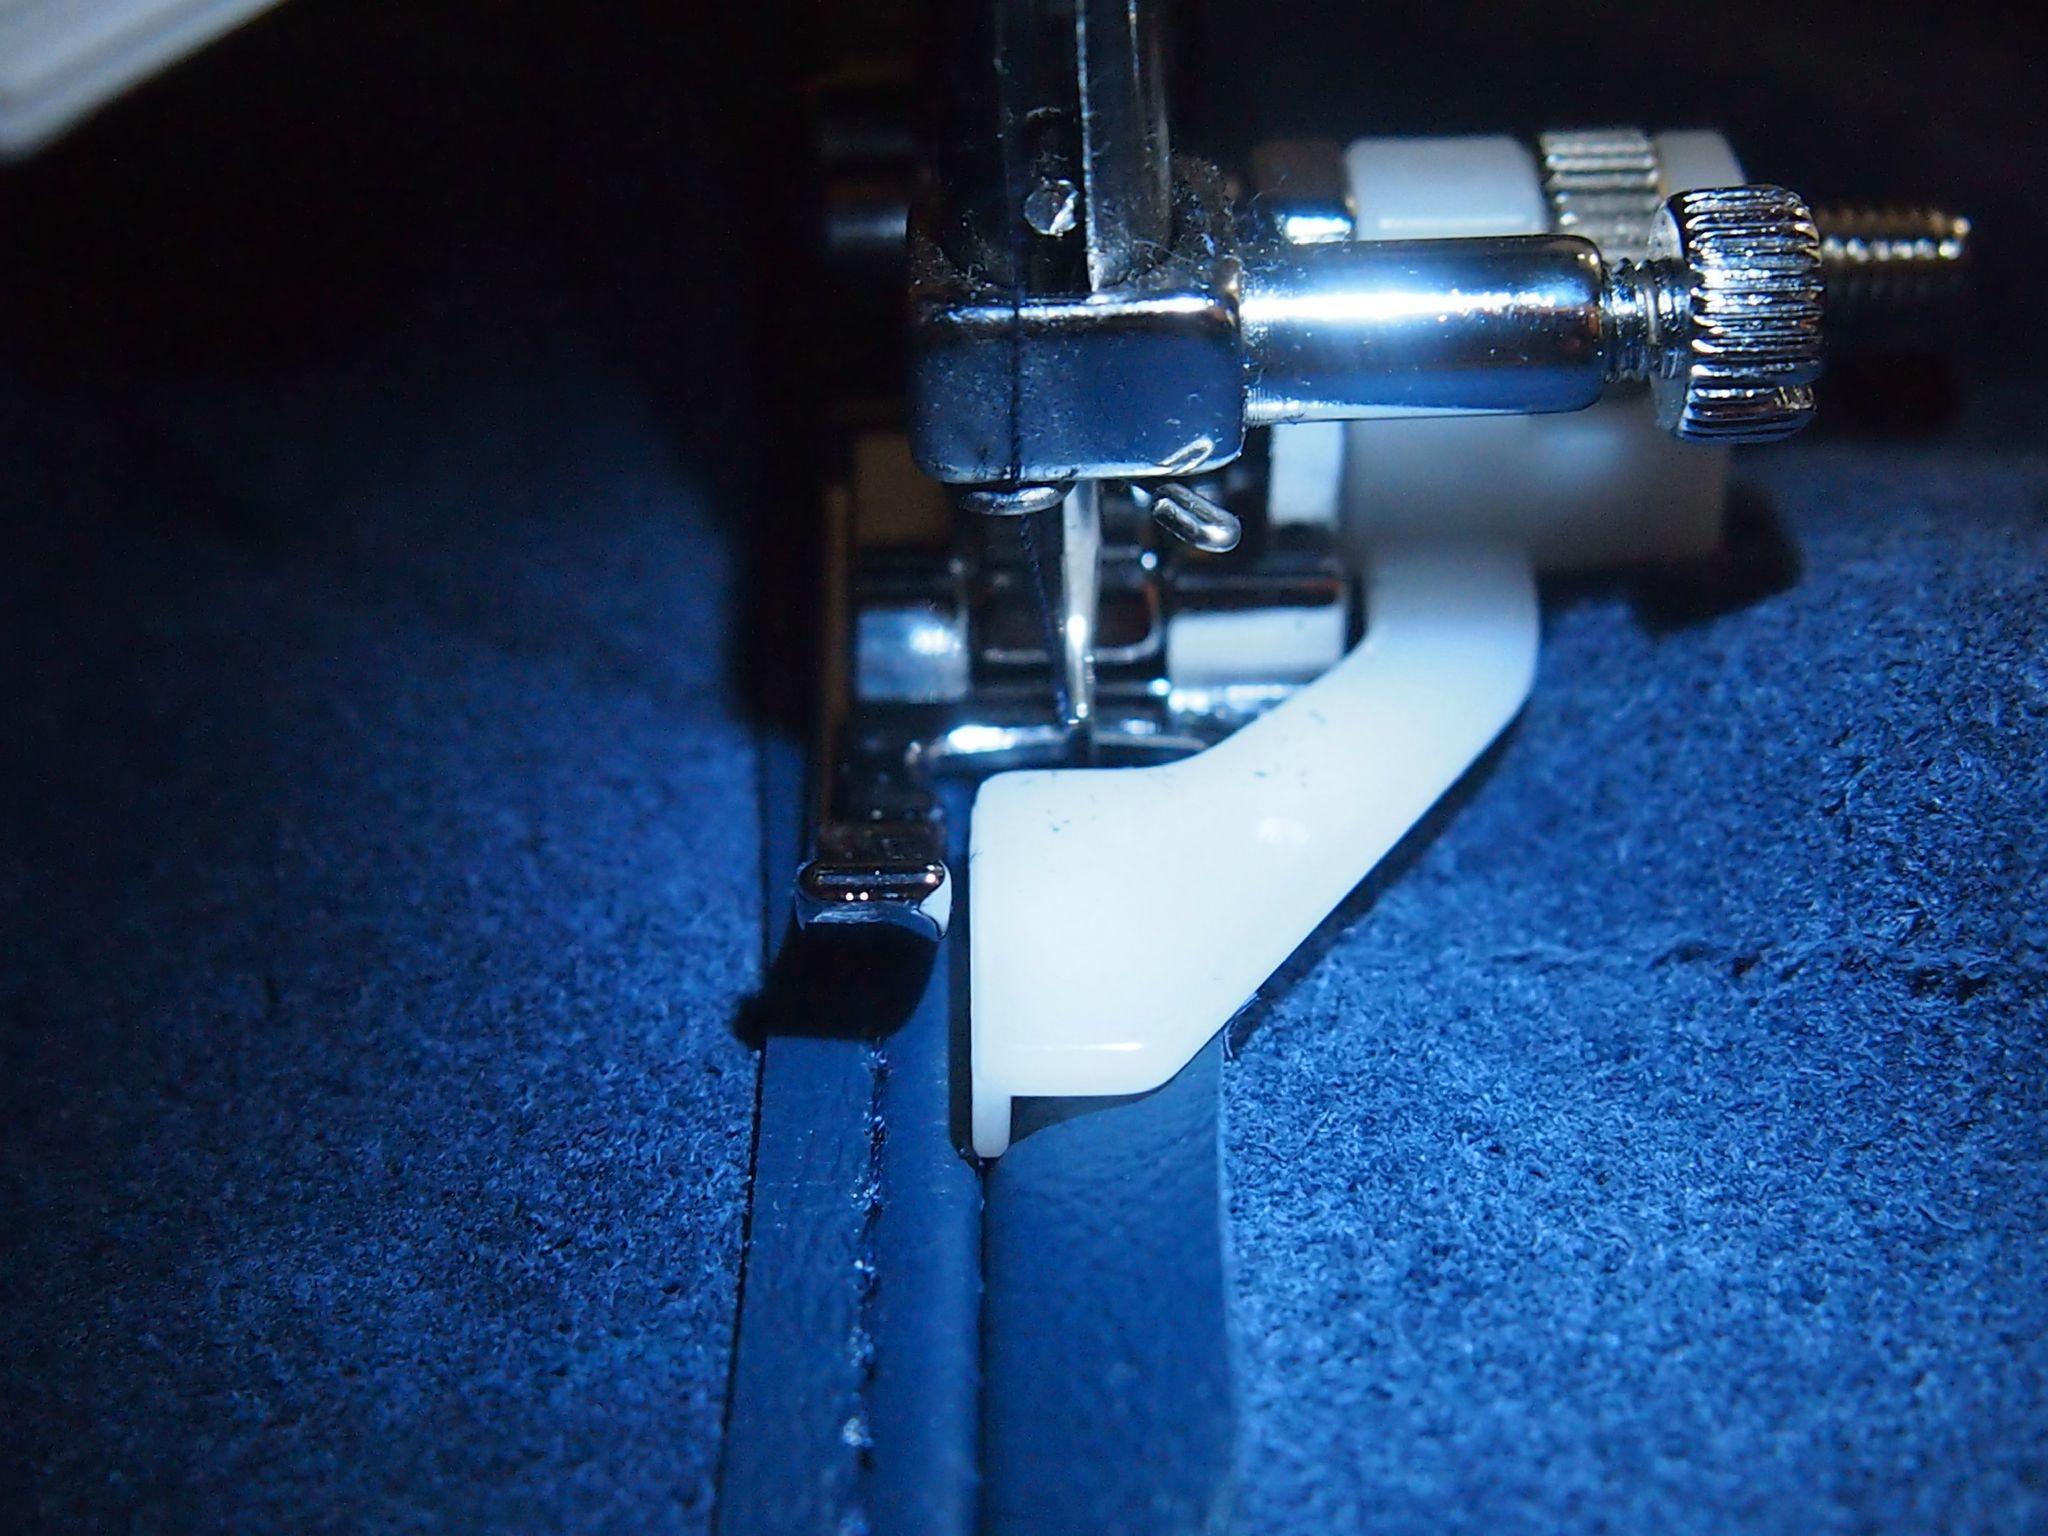 La petite veste en cuir bleu telle est une estelle - Comment enlever du stylo sur du cuir ...